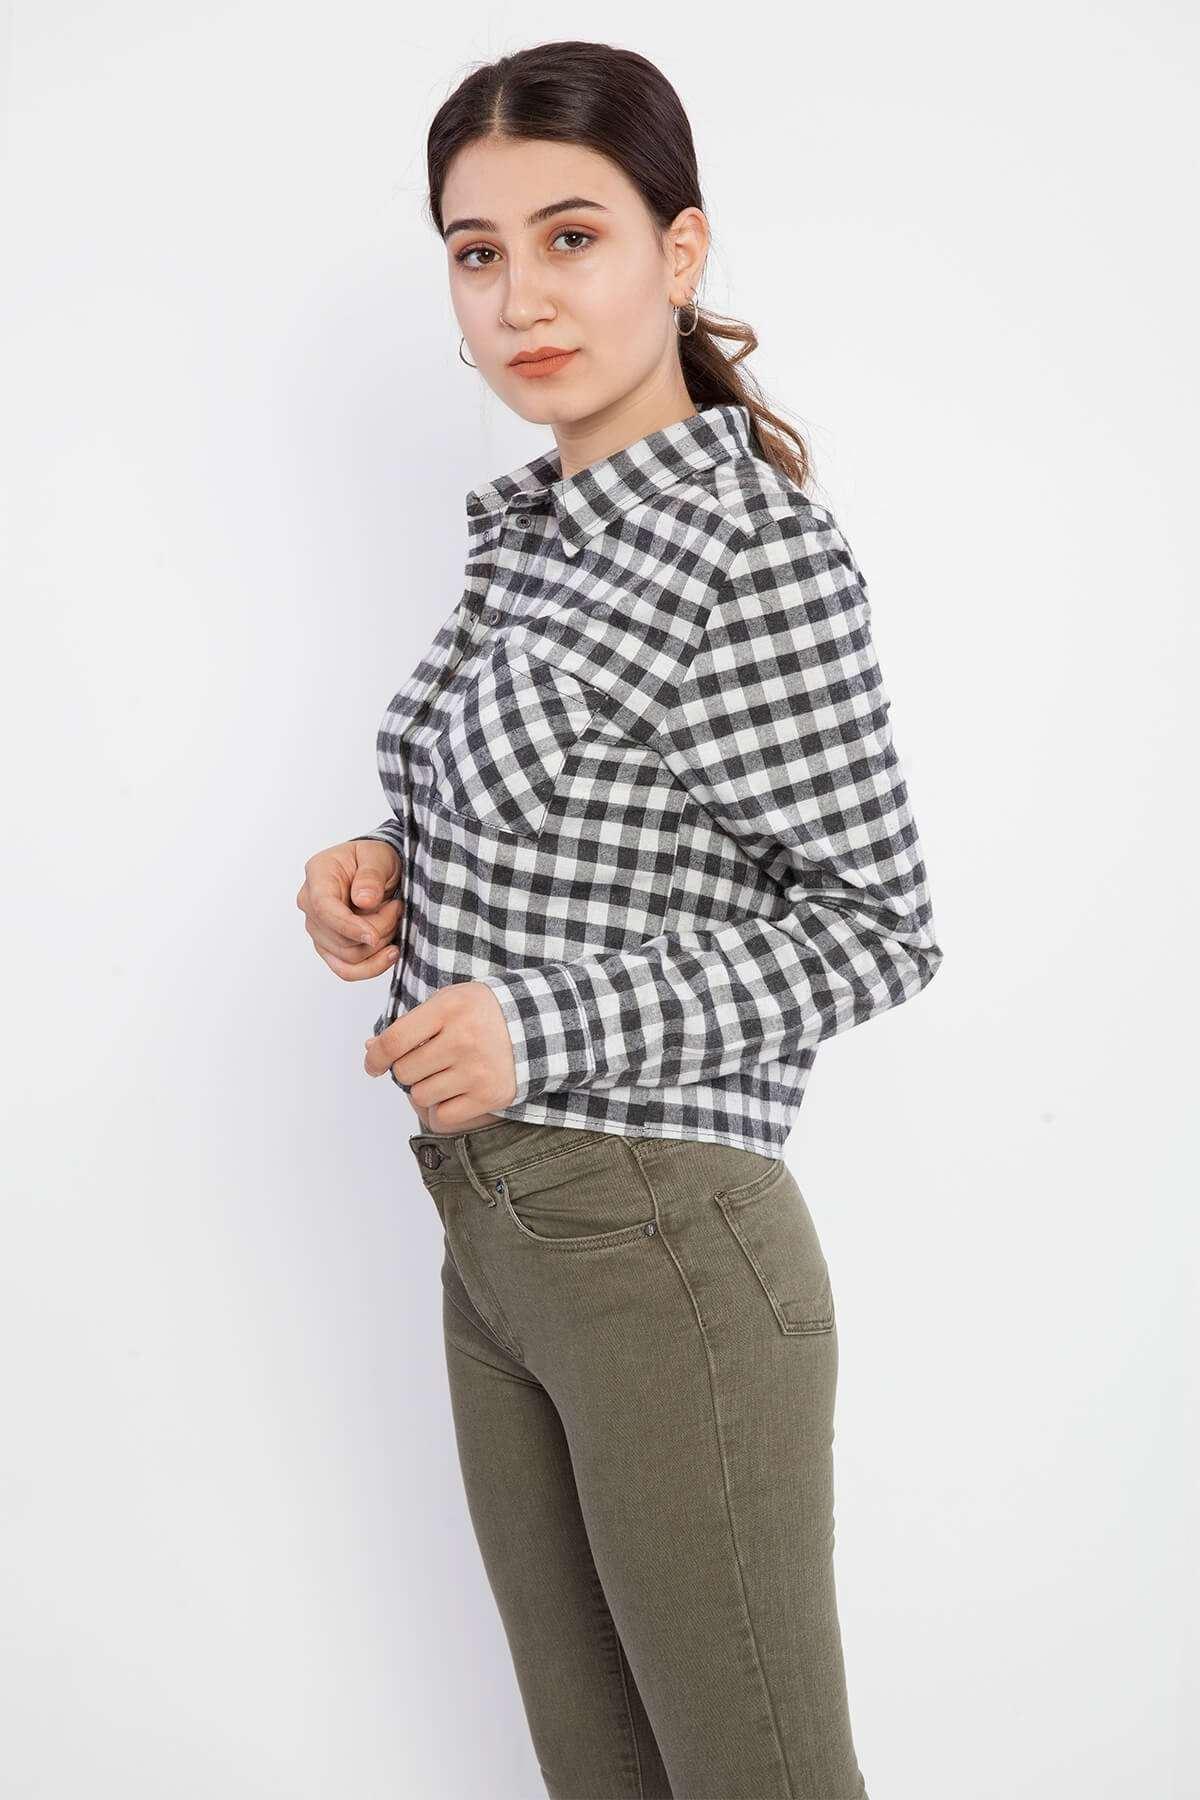 Küçük Kareli Cep Detaylı Kısa Gömlek Siyah-Beyaz